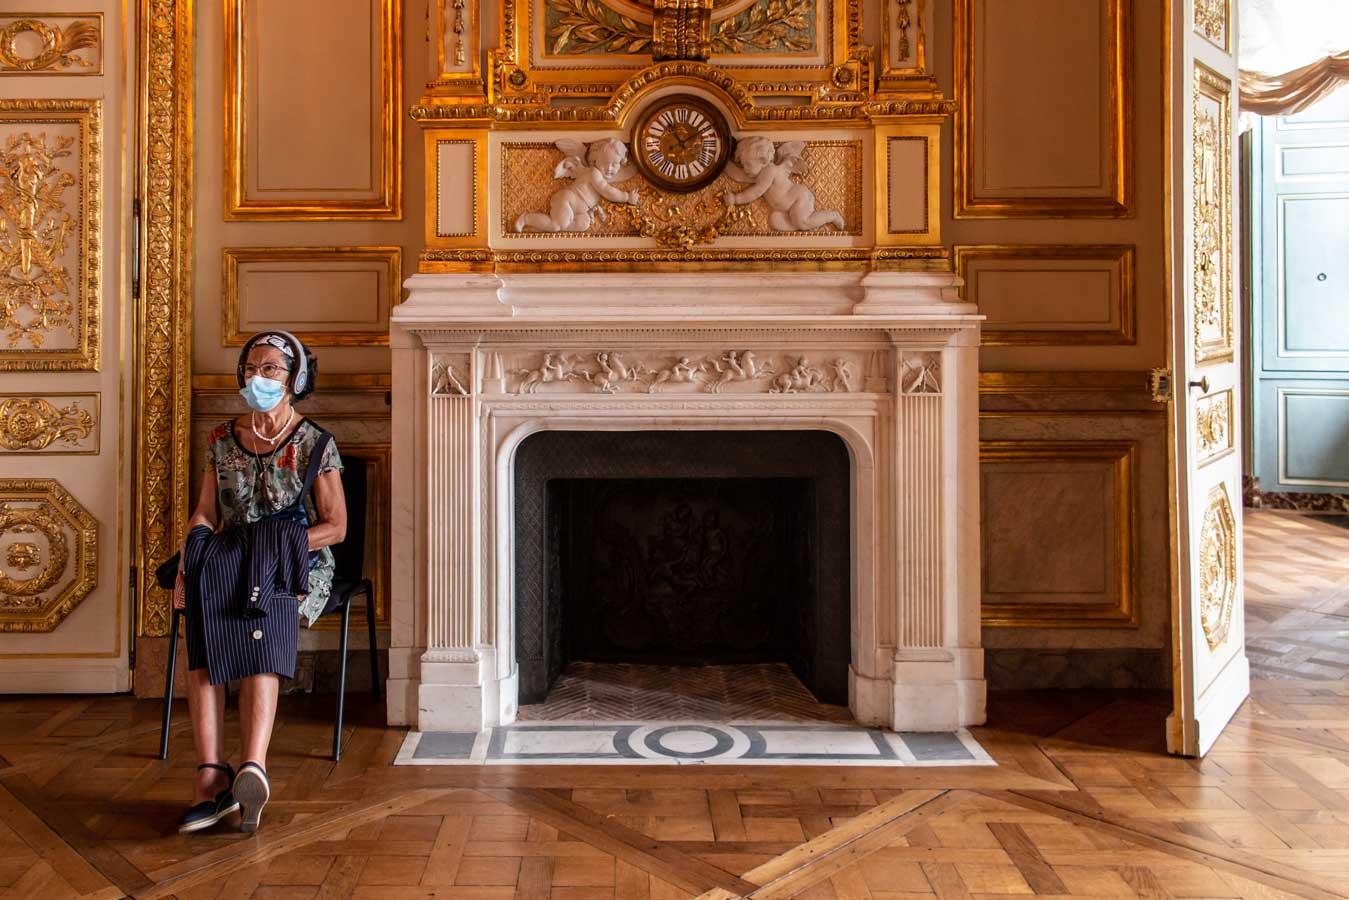 Una mujer sentada en una silla, junto a la chimenea del salón principal de un palacio